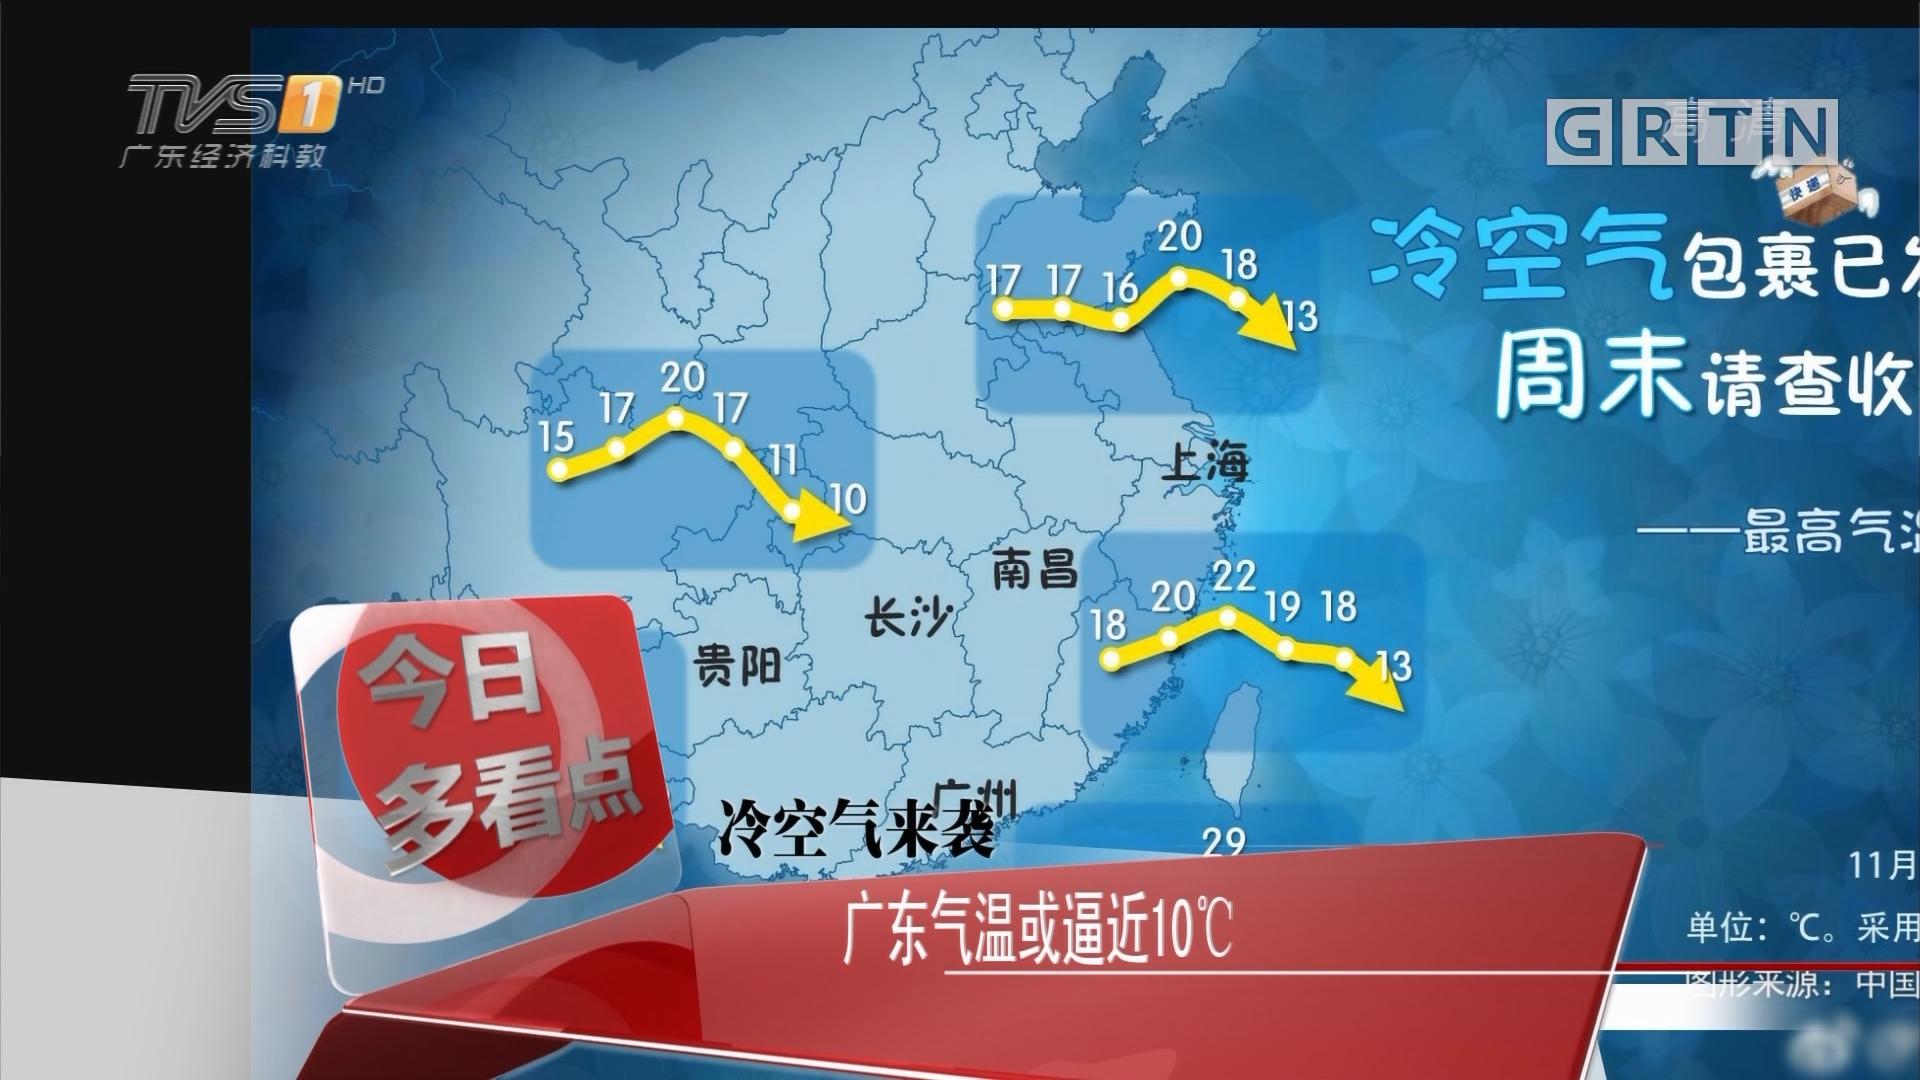 冷空气来袭:广东气温或逼近10℃